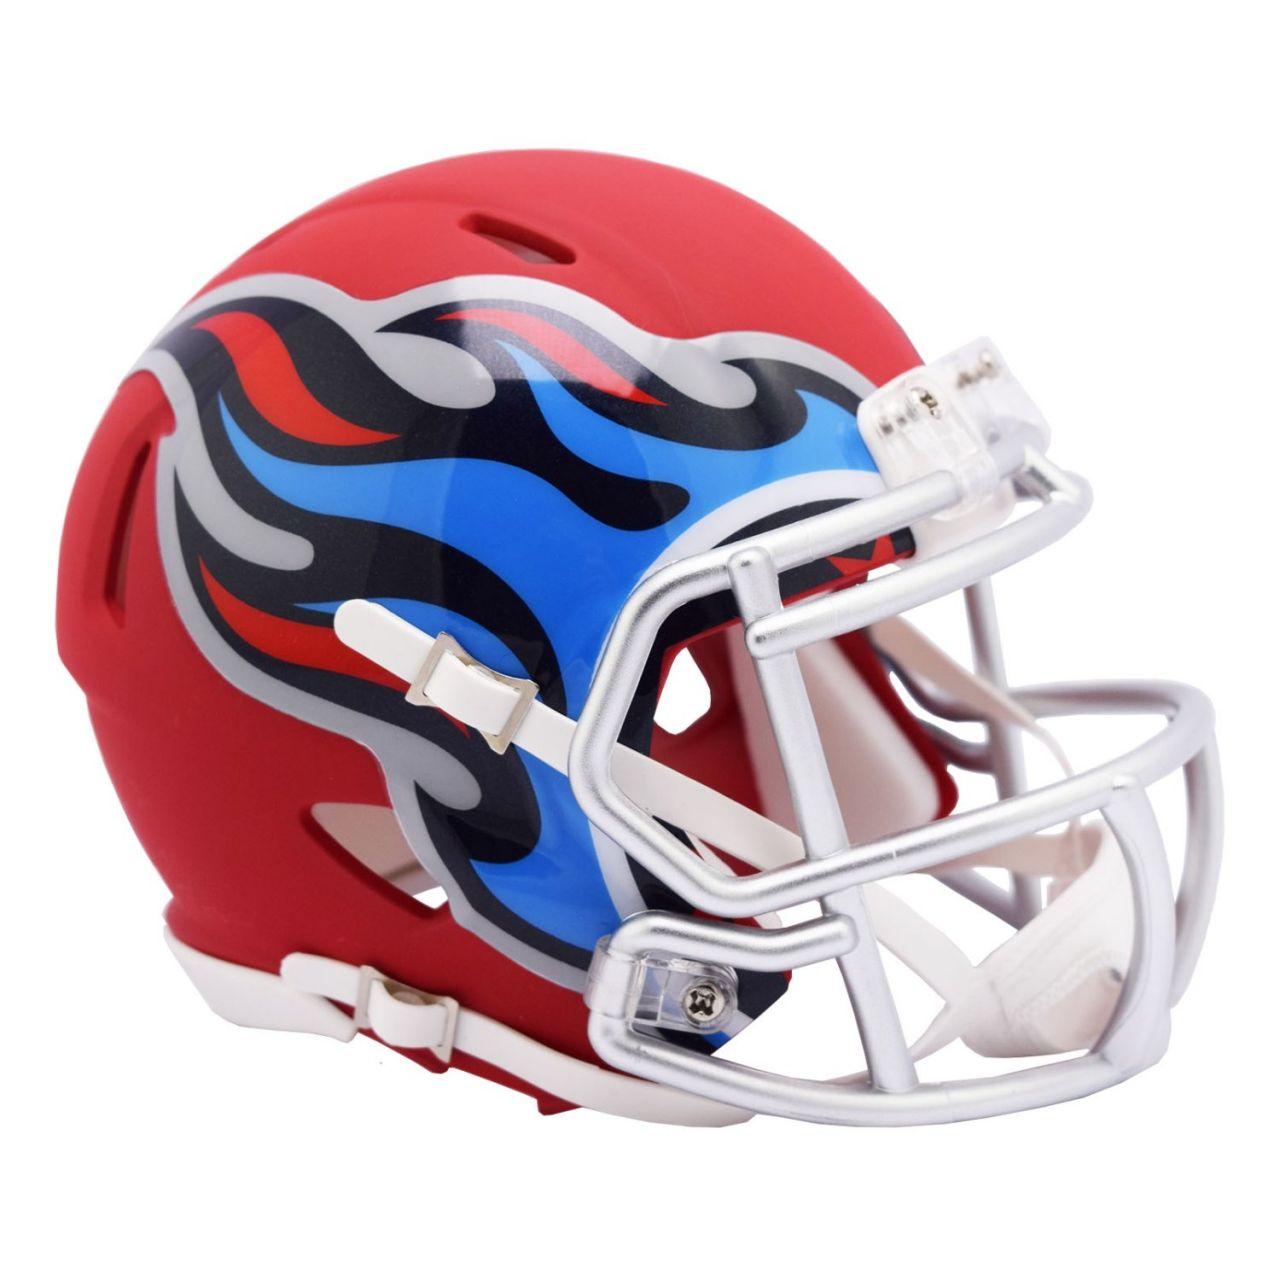 amfoo - Riddell Speed Mini Football Helm - AMP Tennessee Titans